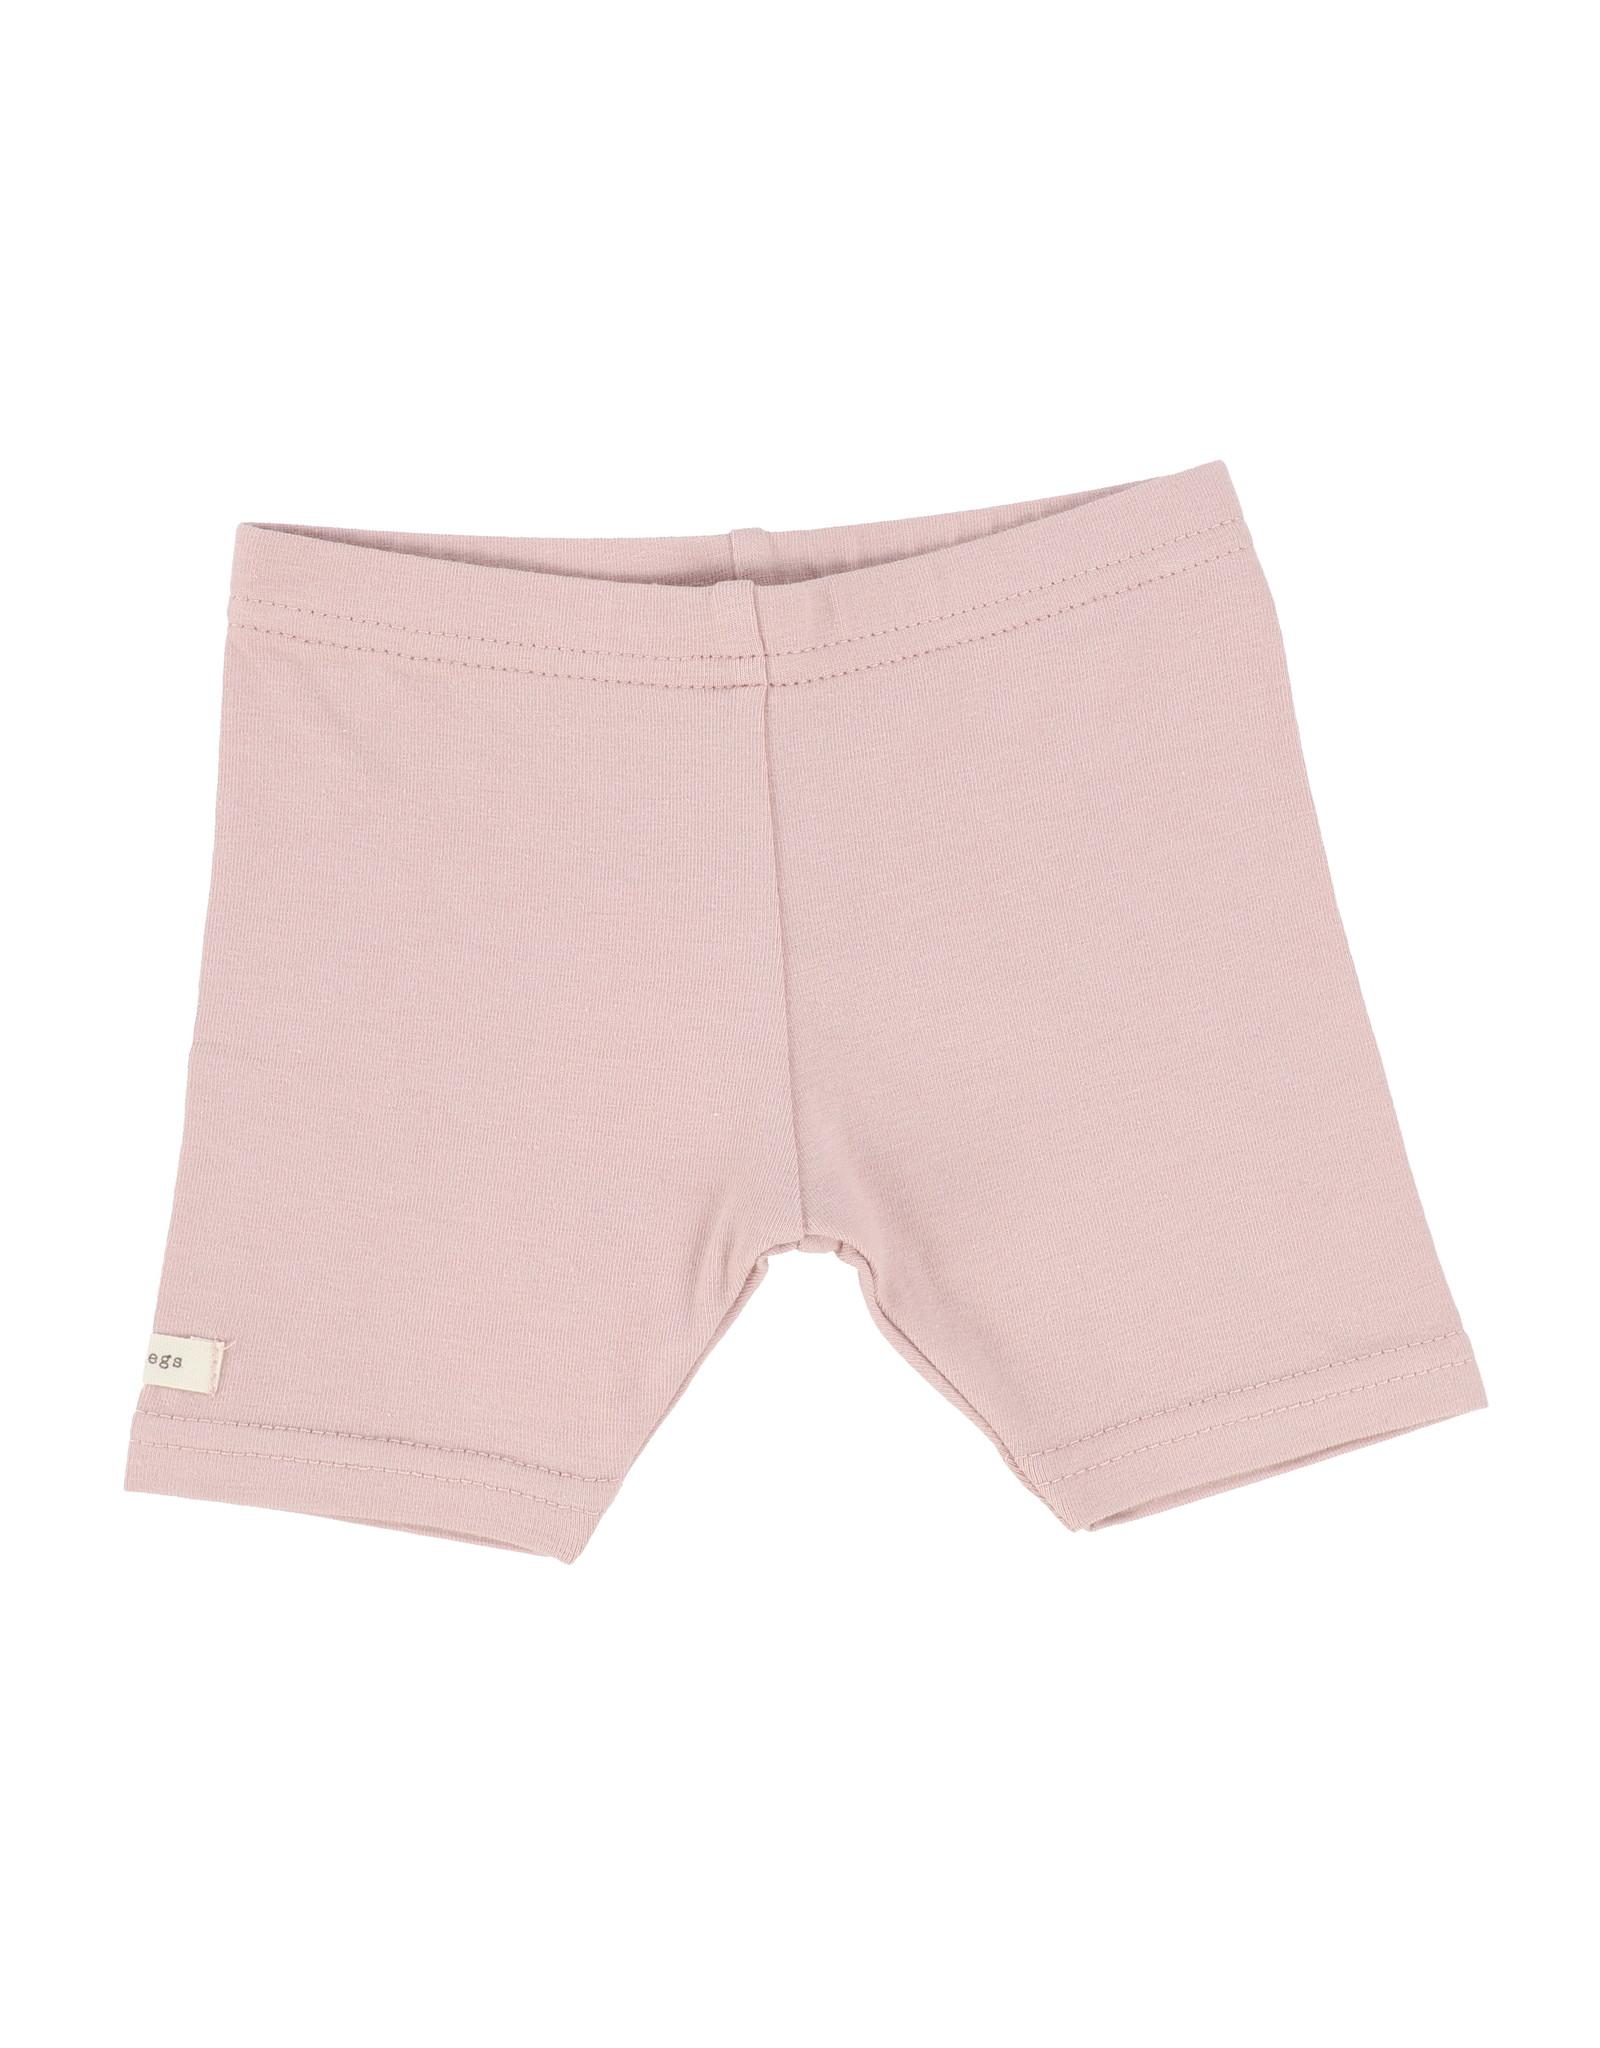 LIL LEGS Lil Legs Cotton Shorts Fashion Colors